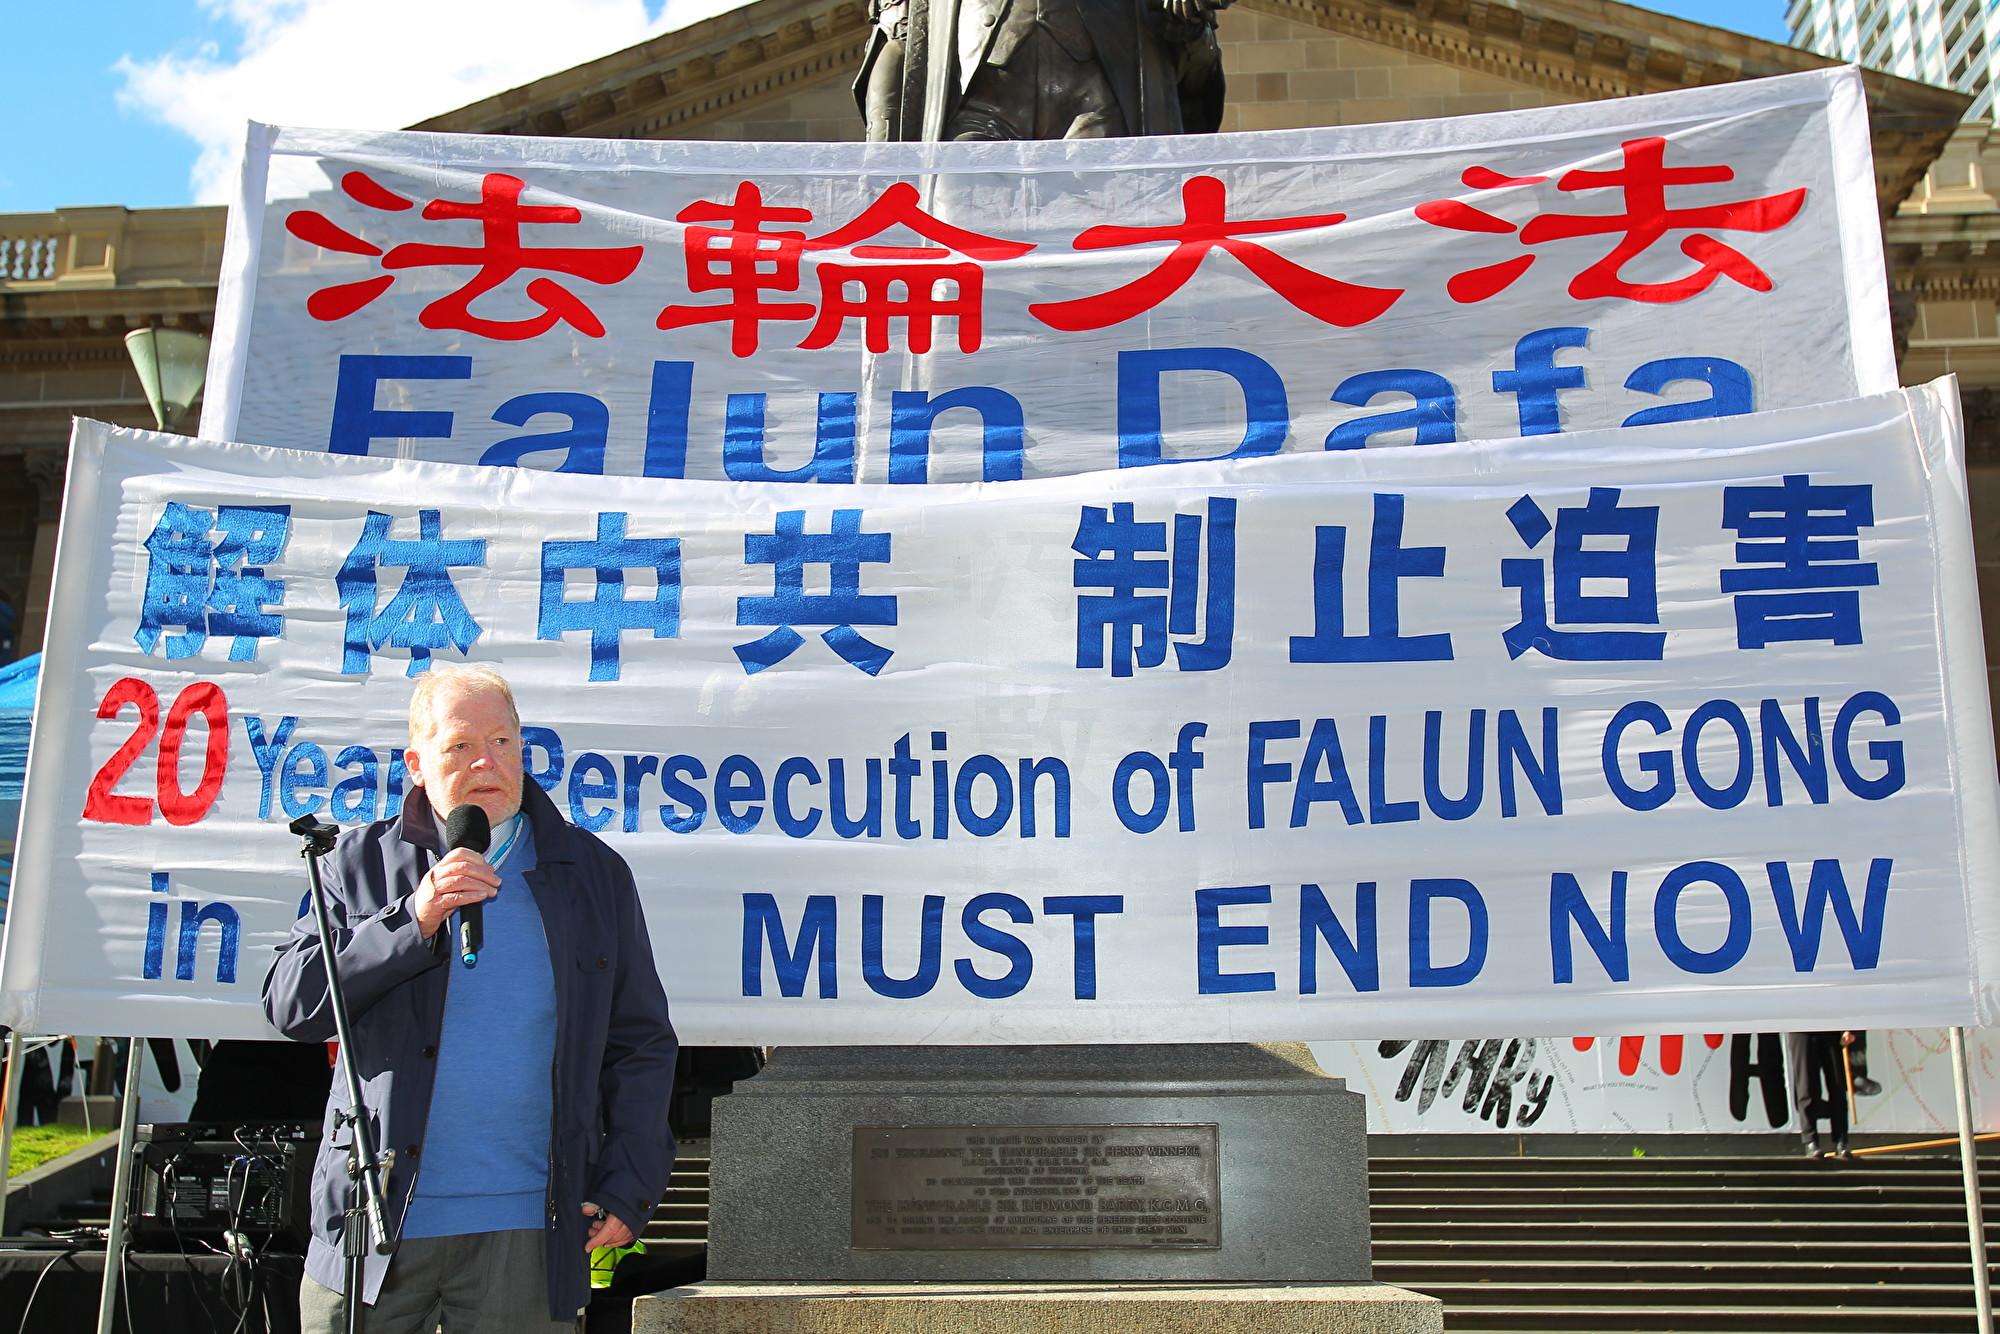 澳洲自由黨資深黨員、前資深治安法官安德魯‧布殊(Andrew Bush)(JP)呼籲每一個澳洲人站出來反對這場邪惡迫害。(陳明/大紀元)